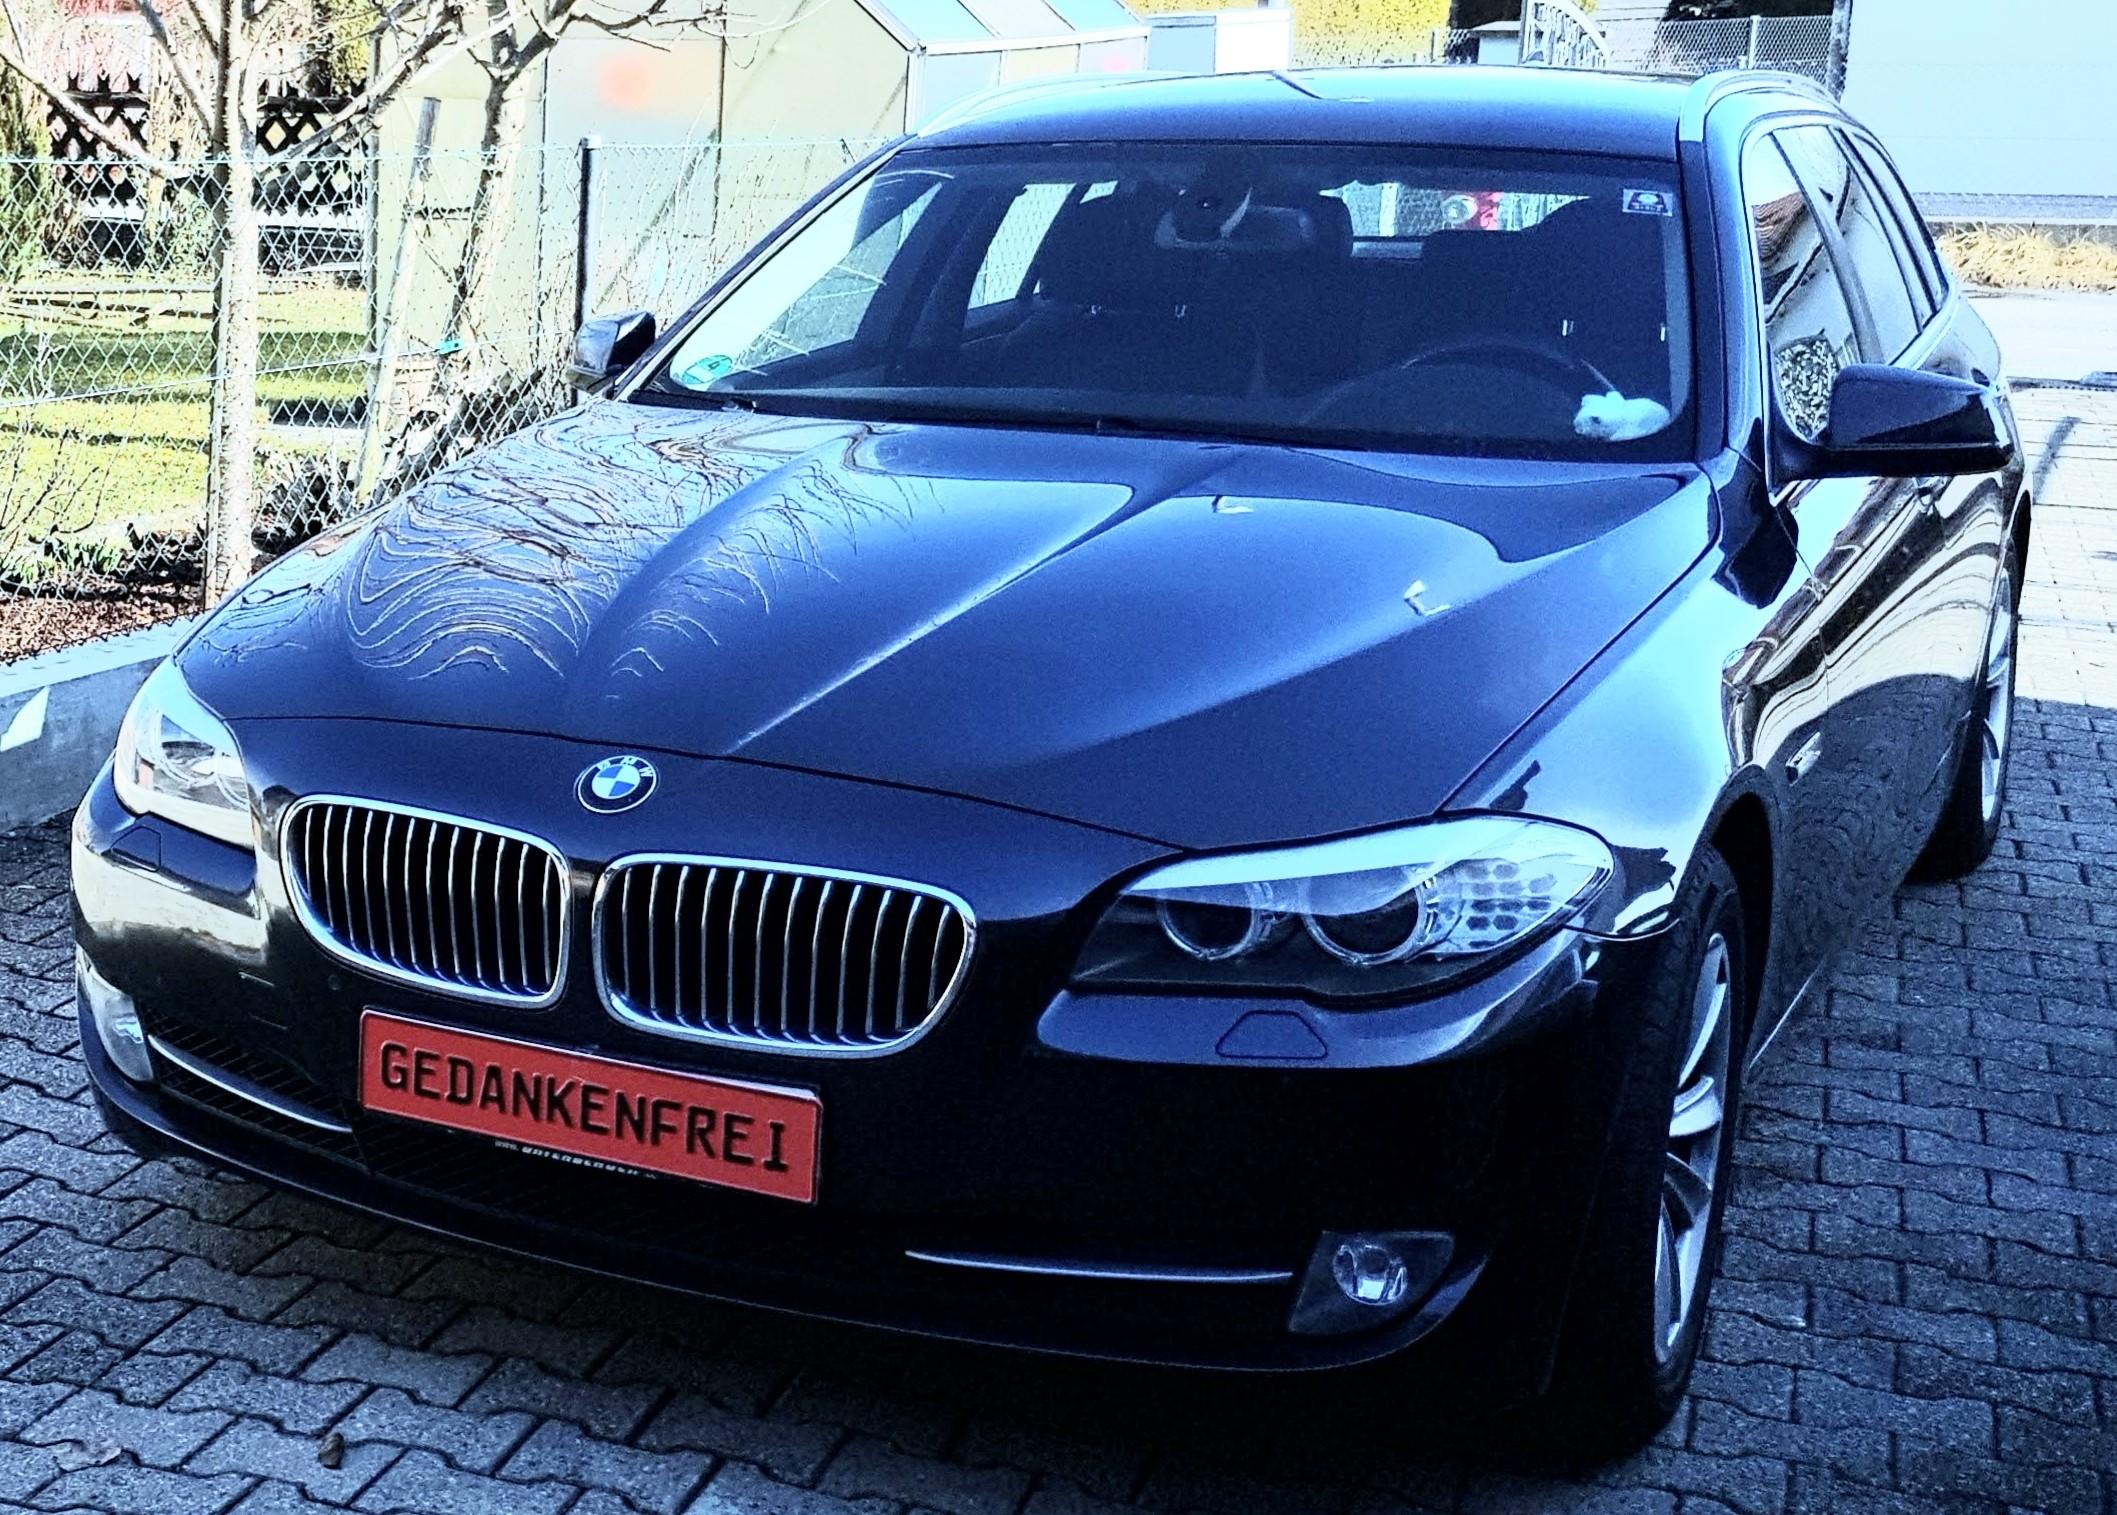 BMW 535i der BMW vor dem Motorschaden